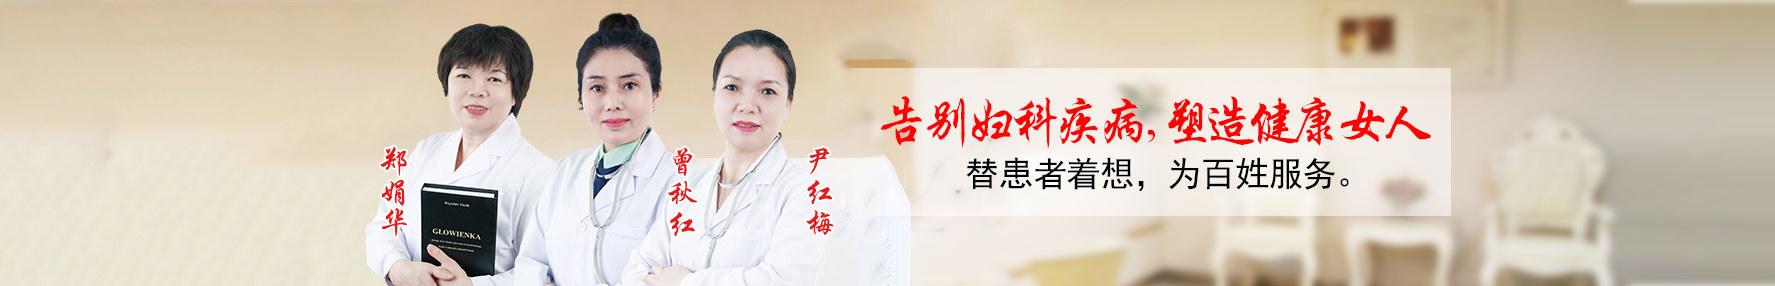 广州人流医院